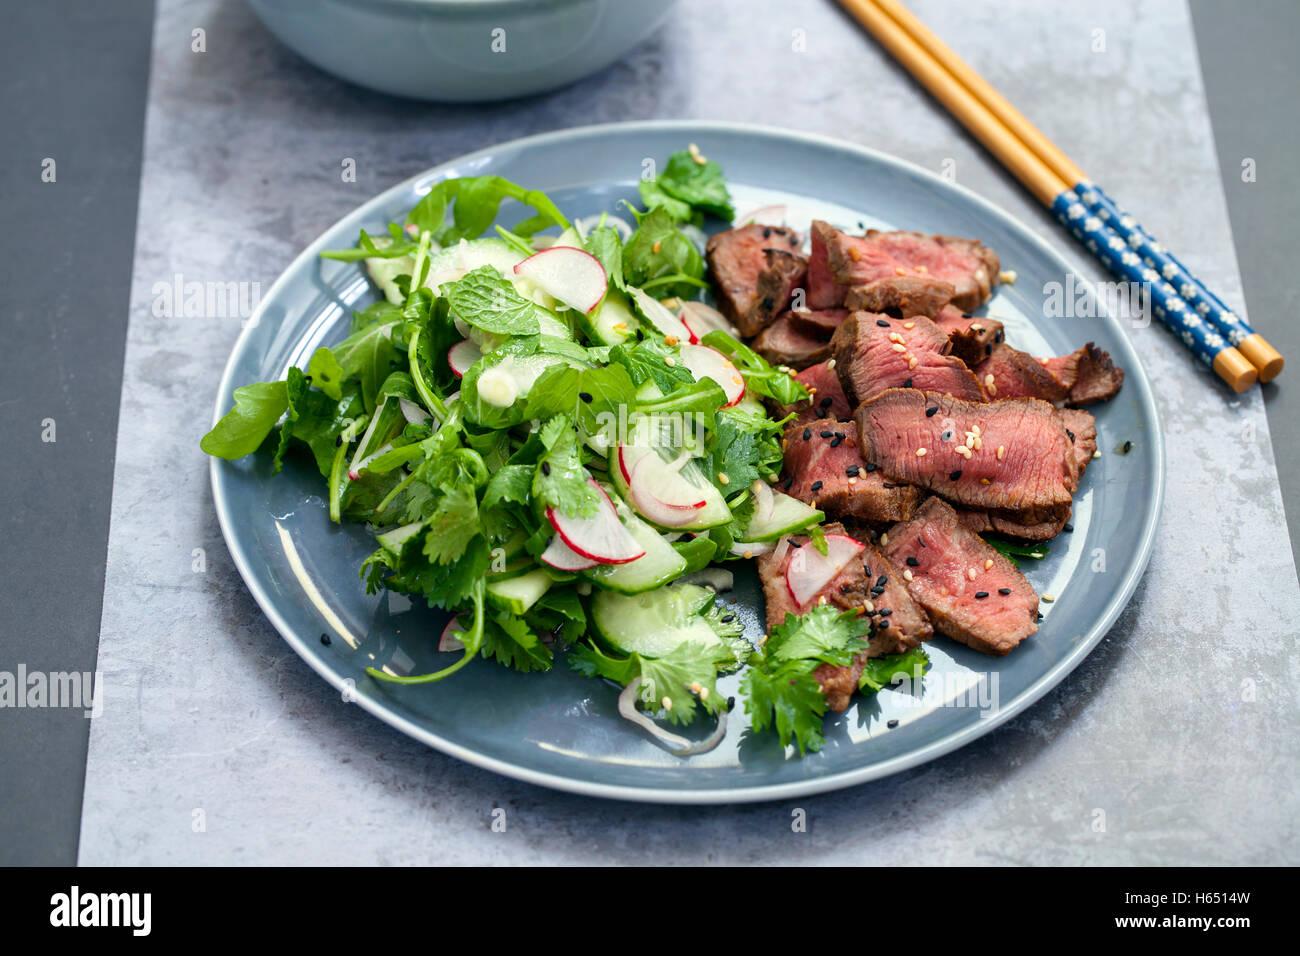 Asiatischer Rindfleischsalat mit Gurken und Kraut Salat und Schwarzweiß Sesam Stockfoto